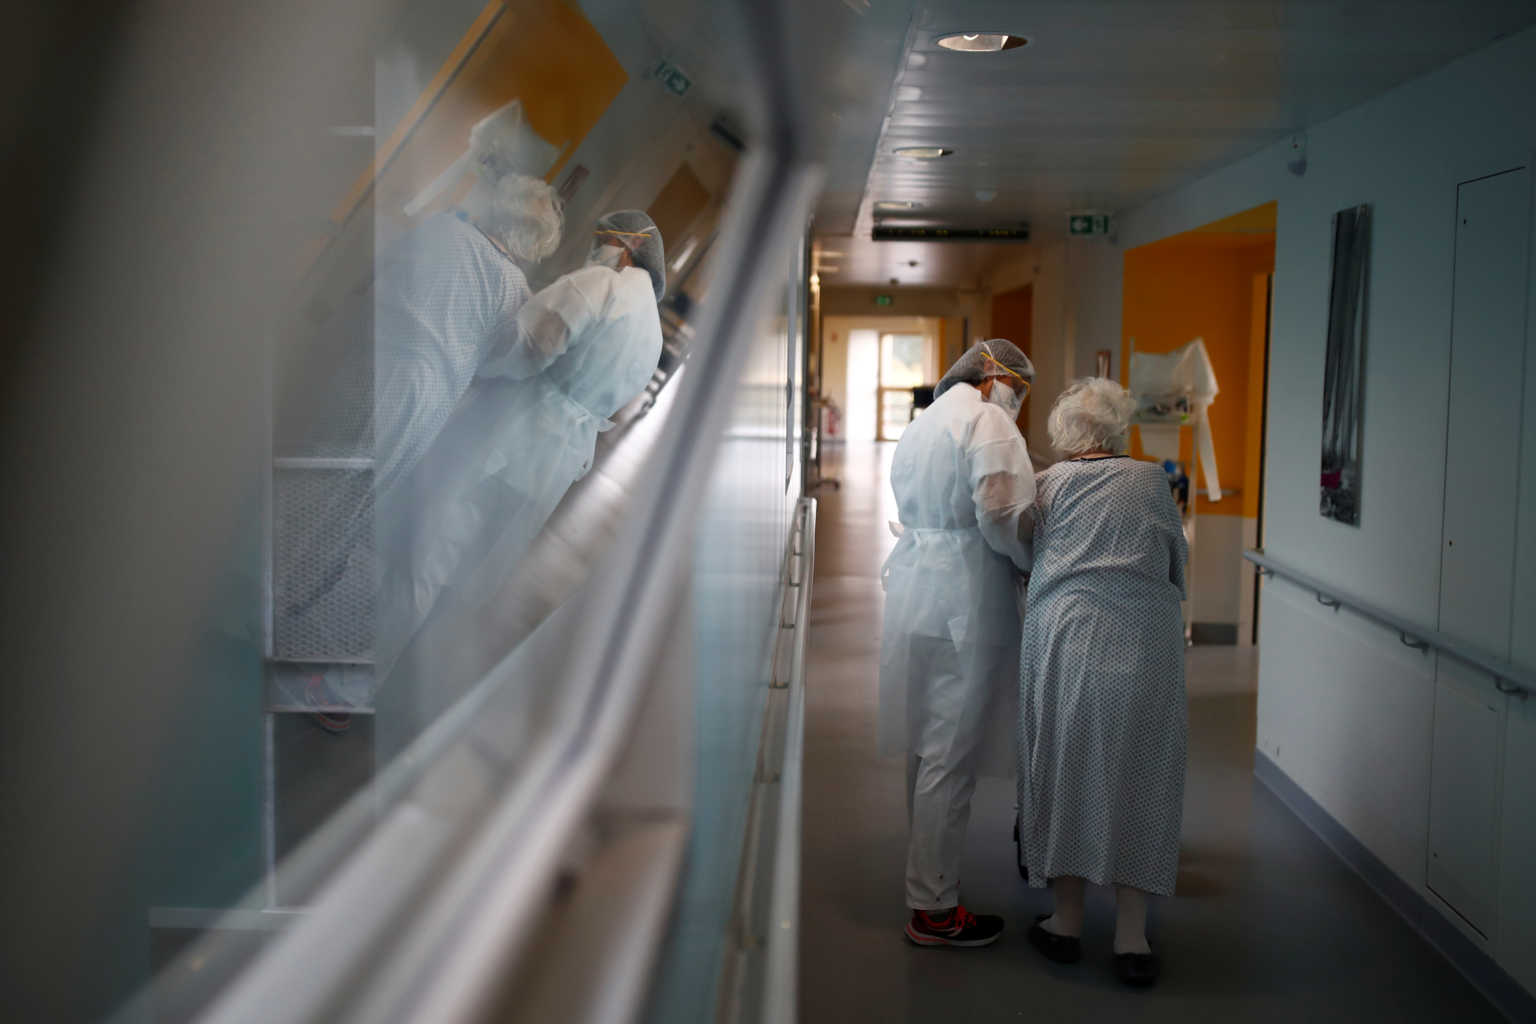 Κορονοϊός: Σοκ με 108 νεκρούς σε 24 ώρες και 2311 κρούσματα